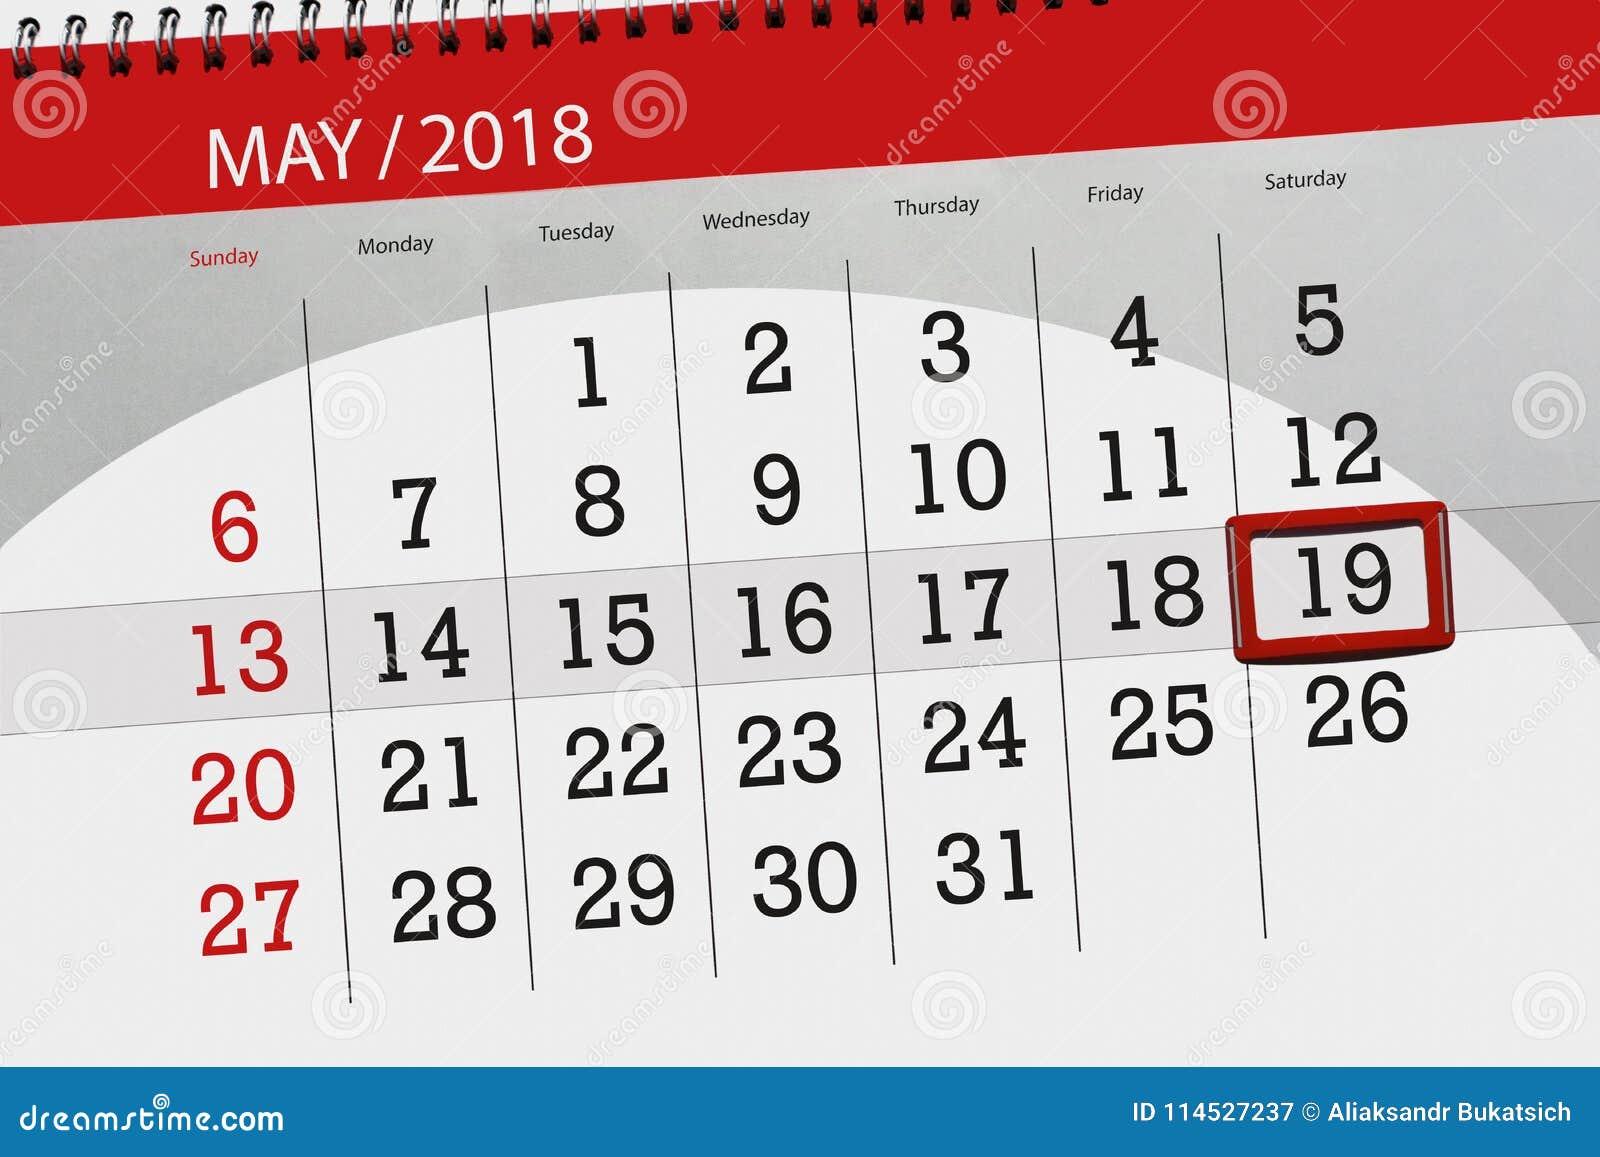 Negocio Calendario Página 2018 El 19 De Mayo Diario Imagen de ... 7eb06f397ac42